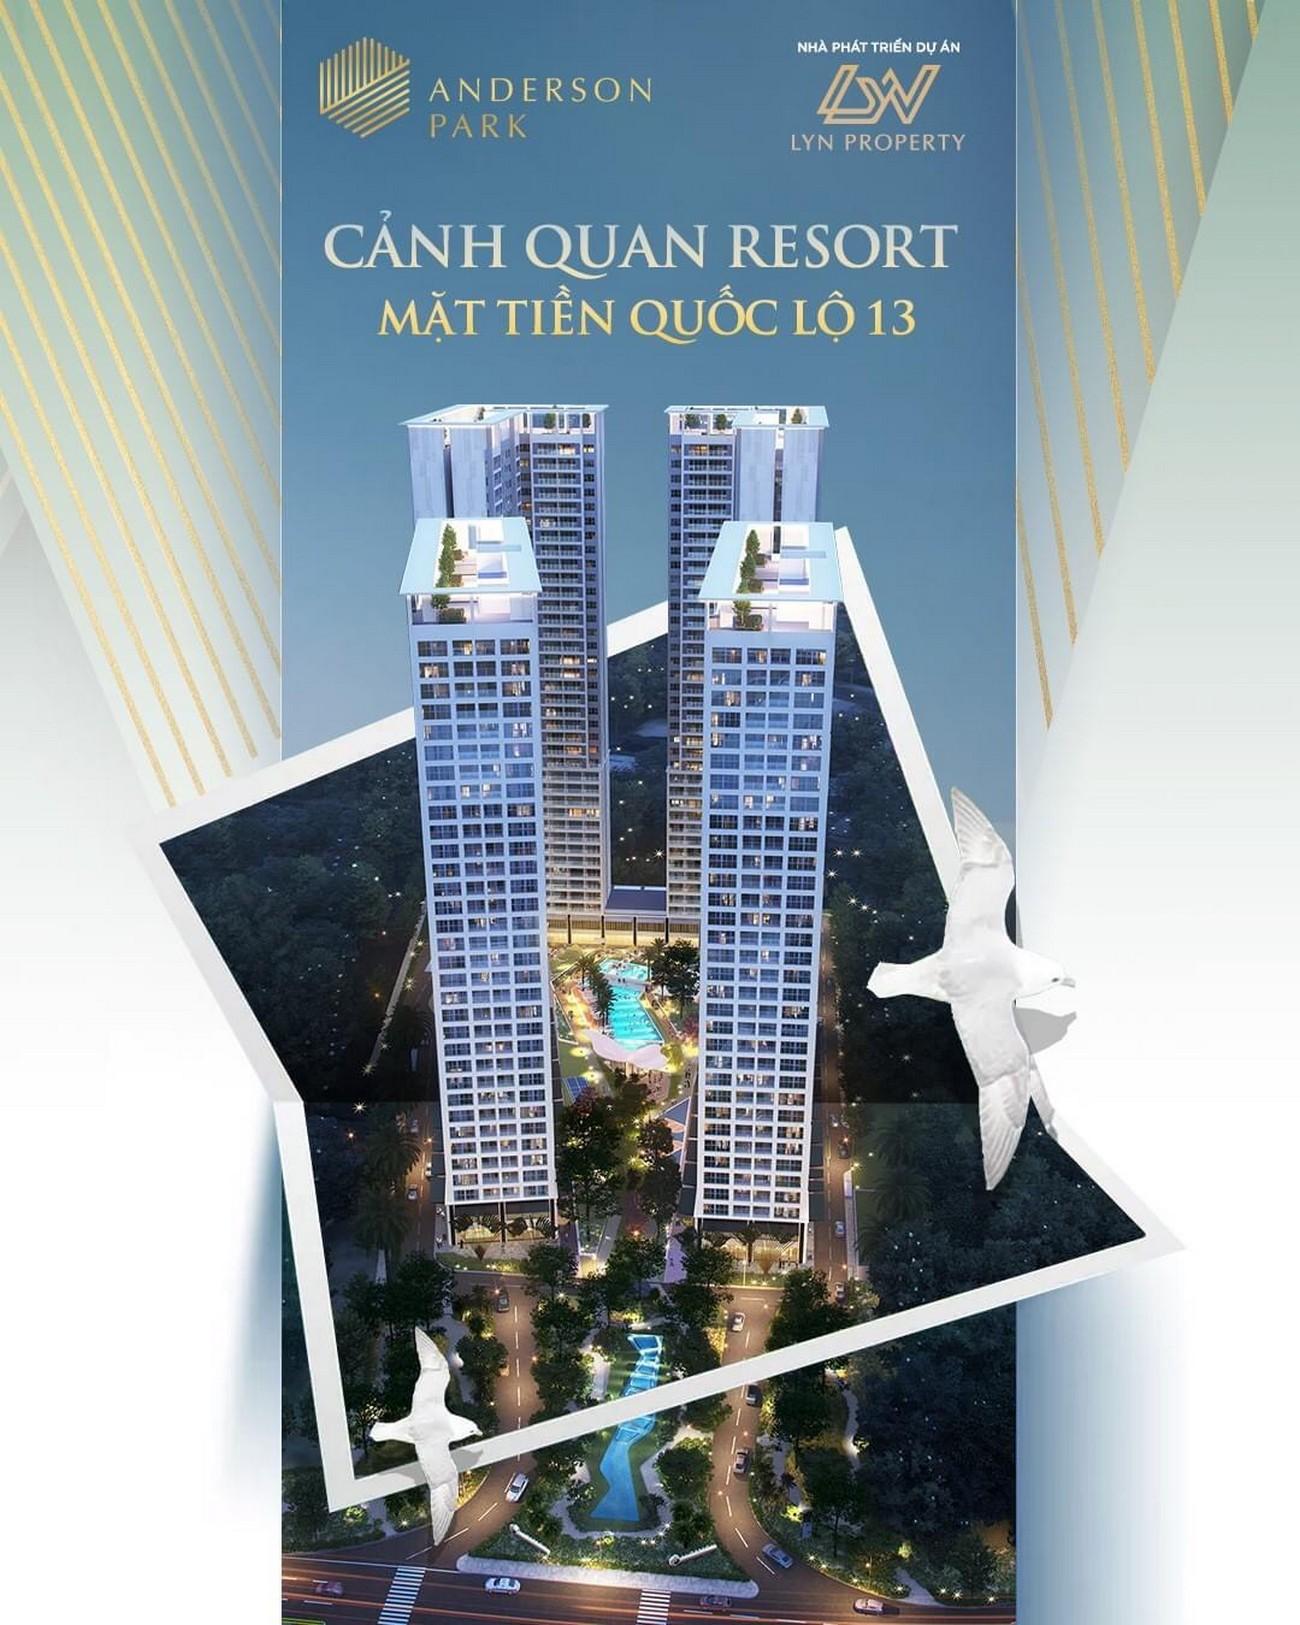 Phối cảnh tổng thể dự án căn hộ chung cư Lavita Hưng Thịnh Thuận An Đường Quốc lộ 13 chủ đầu tư Quốc Cường Gia Lai